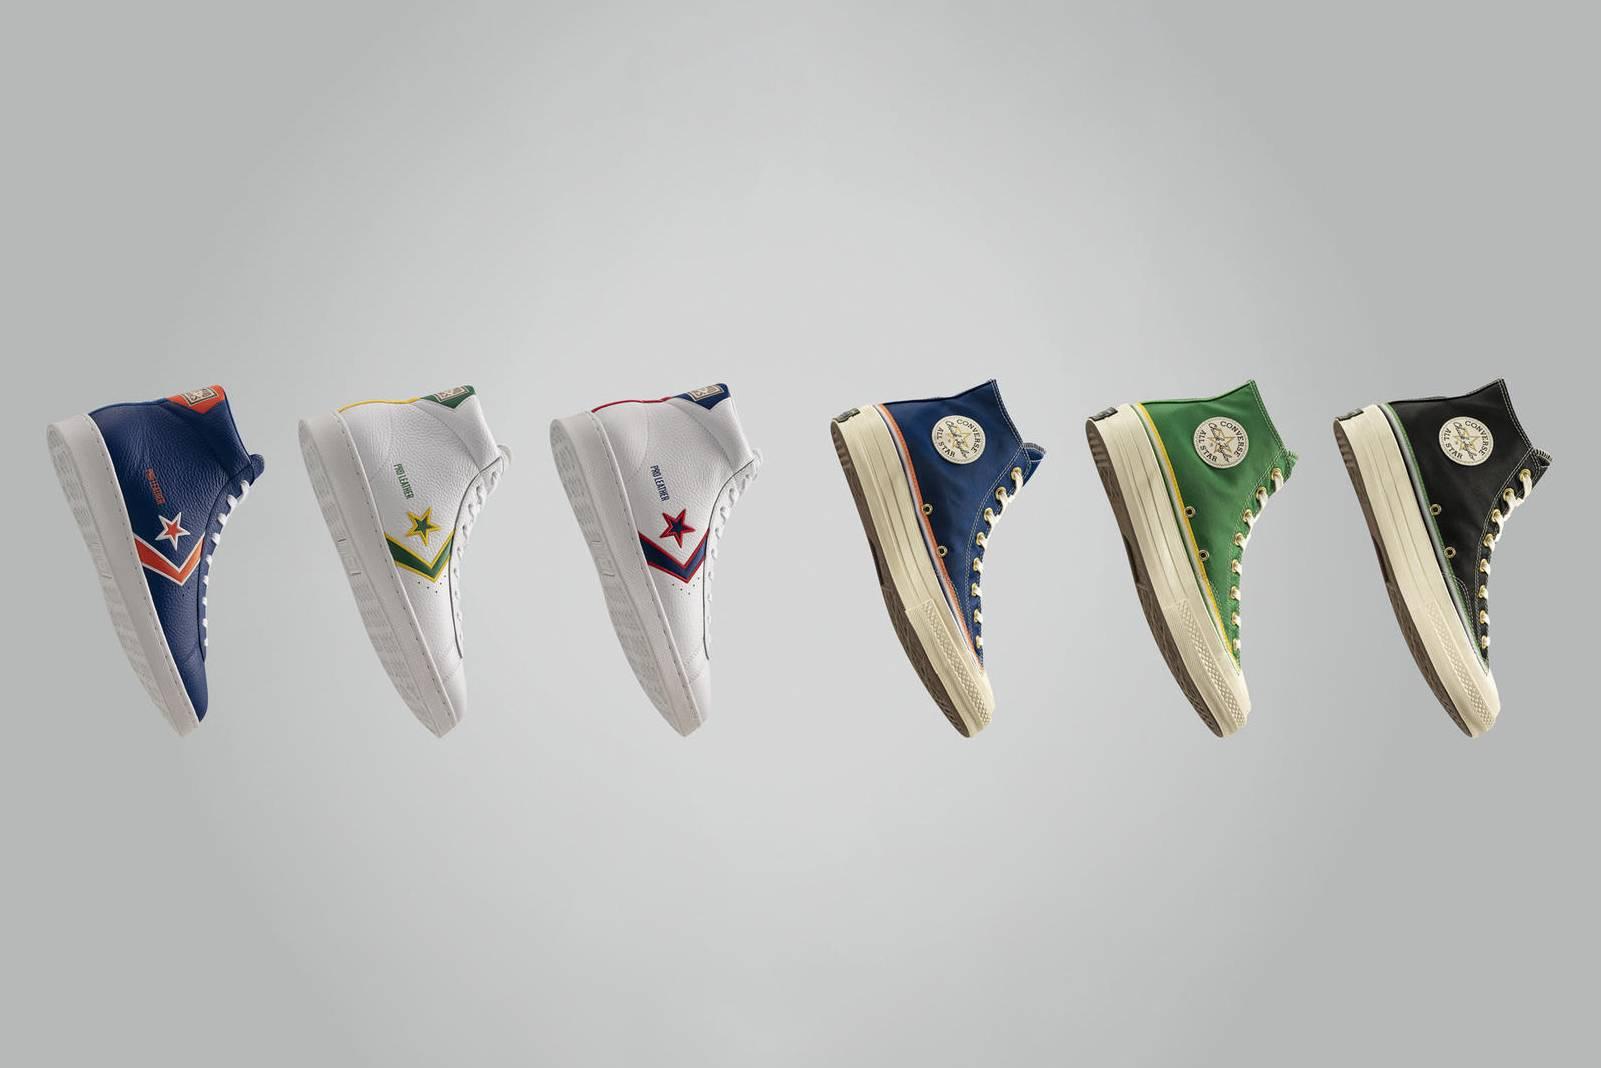 致敬打破肤色藩篱的NBA先驱,Converse推出全新球鞋系列